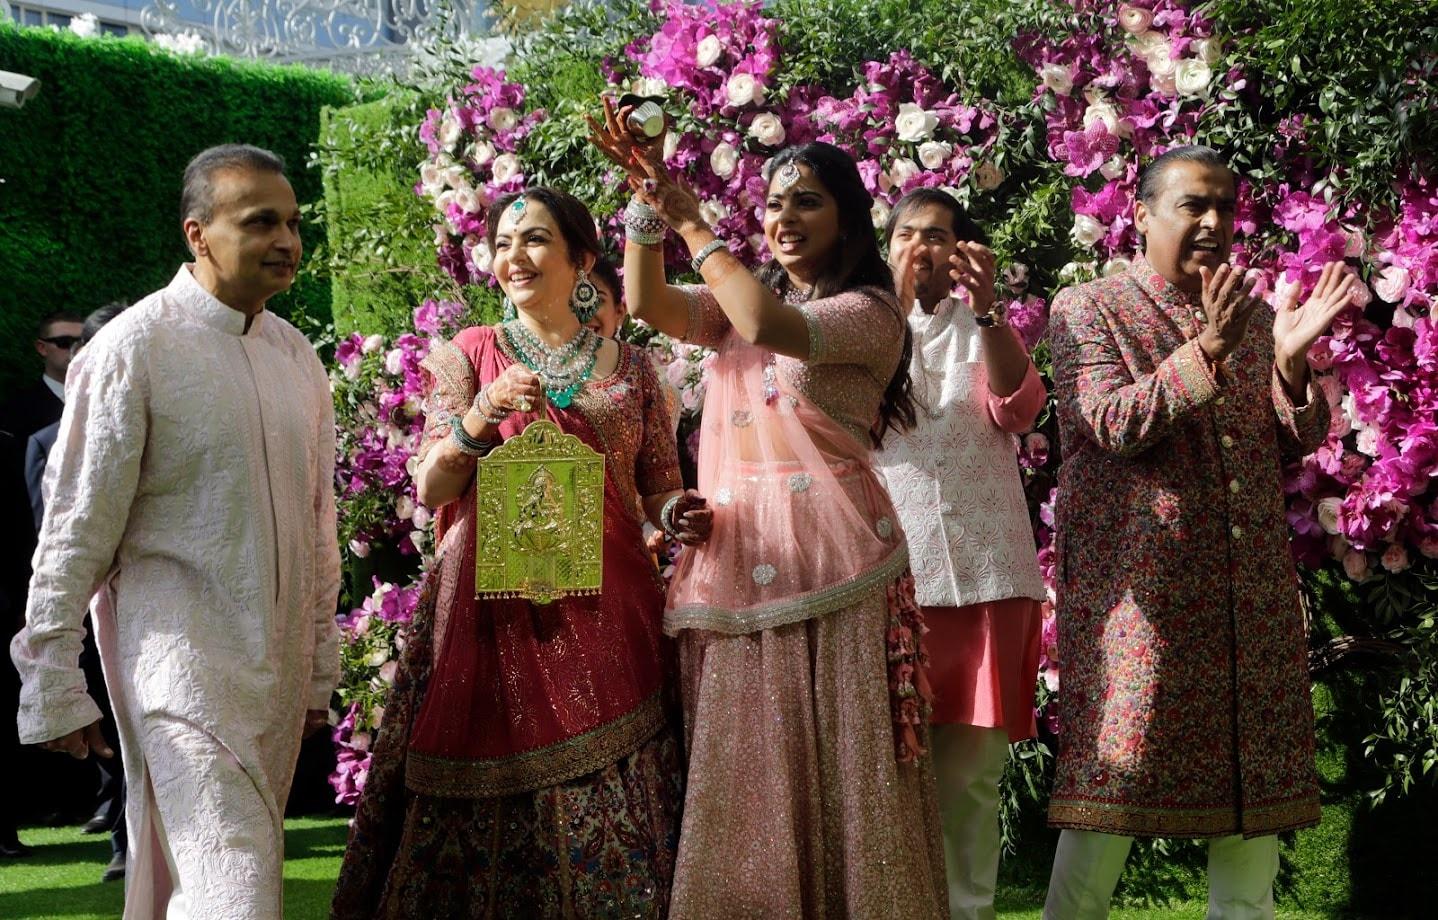 भावाच्या लग्नात बहीण इशा अंबानी फार उत्साहाने साऱ्या पाहुण्यांचं स्वागत करत आहे.